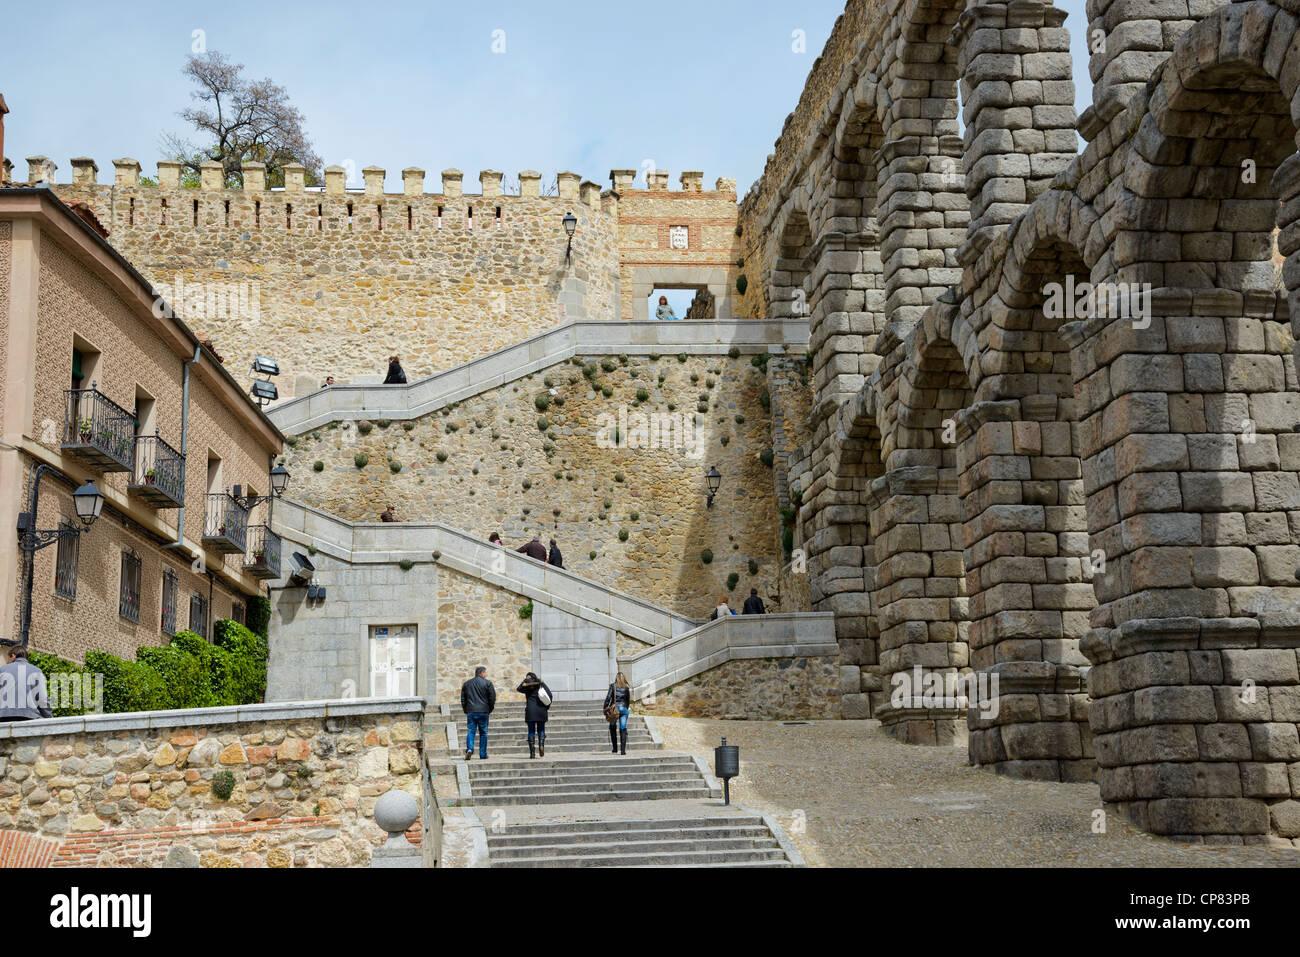 view of the roman aqueduct end at plaza del azoguejo segovia